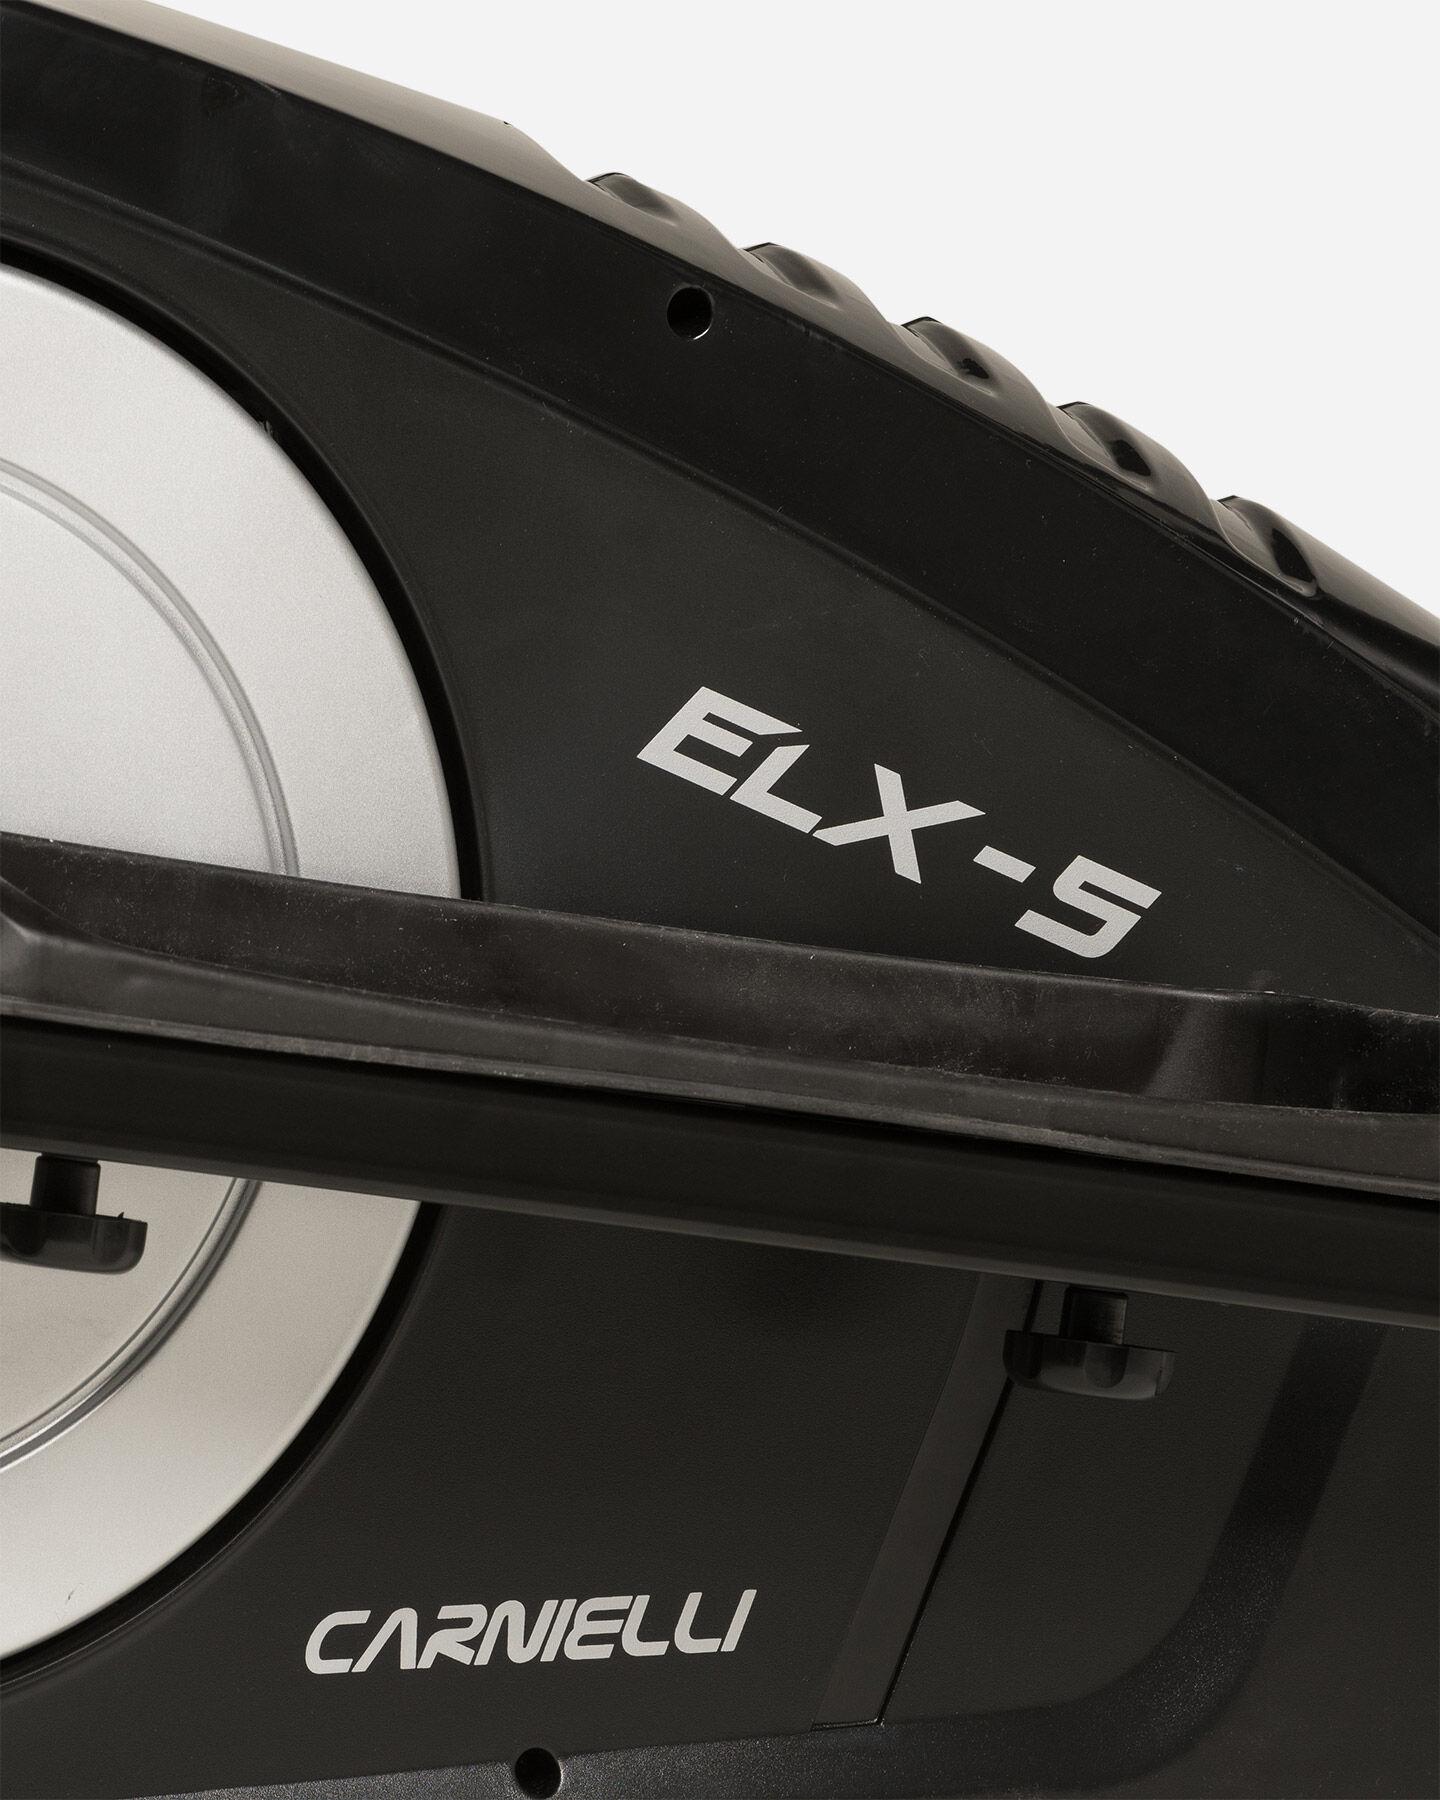 Ellittica CARNIELLI ELX-5 S5287984 1 UNI scatto 1